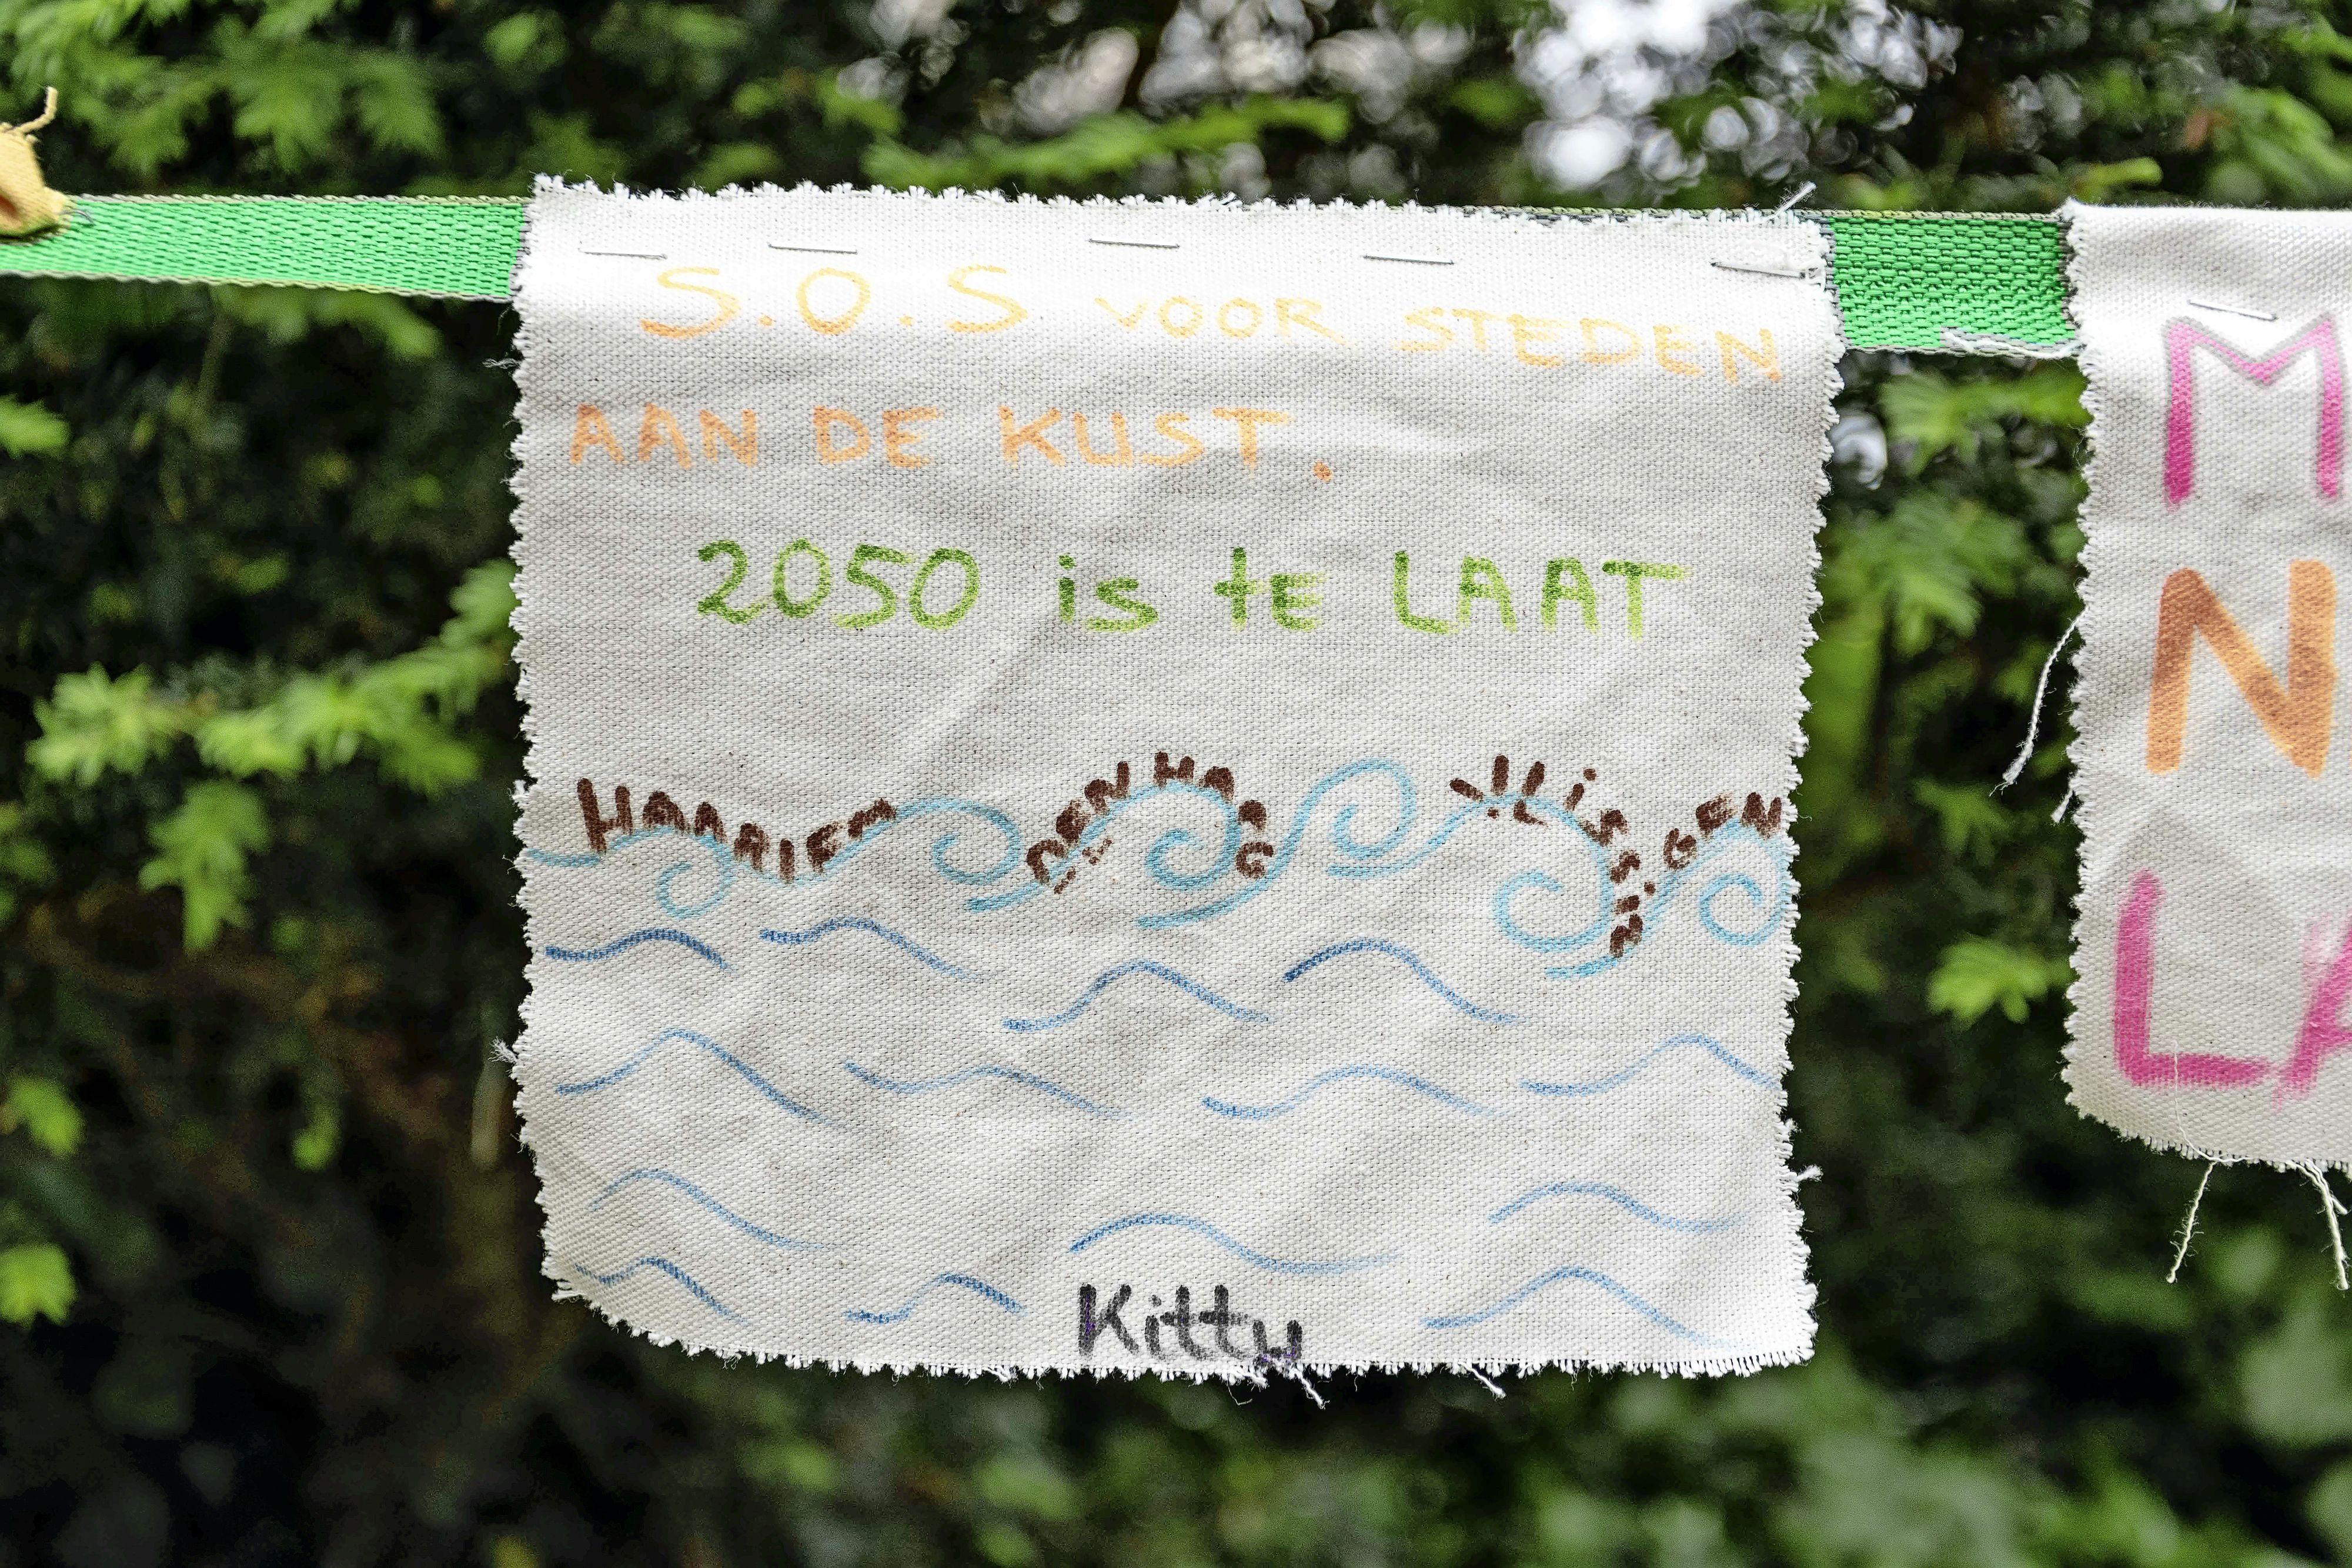 Diepteleurgesteld was Rozemarijn (28) na de verkiezingsuitslag. Nu houden klimaatwakers 24/7 de wacht bij het Catshuis tot het einde van de formatie. 'Neem de ernst van de klimaatcrisis serieus'